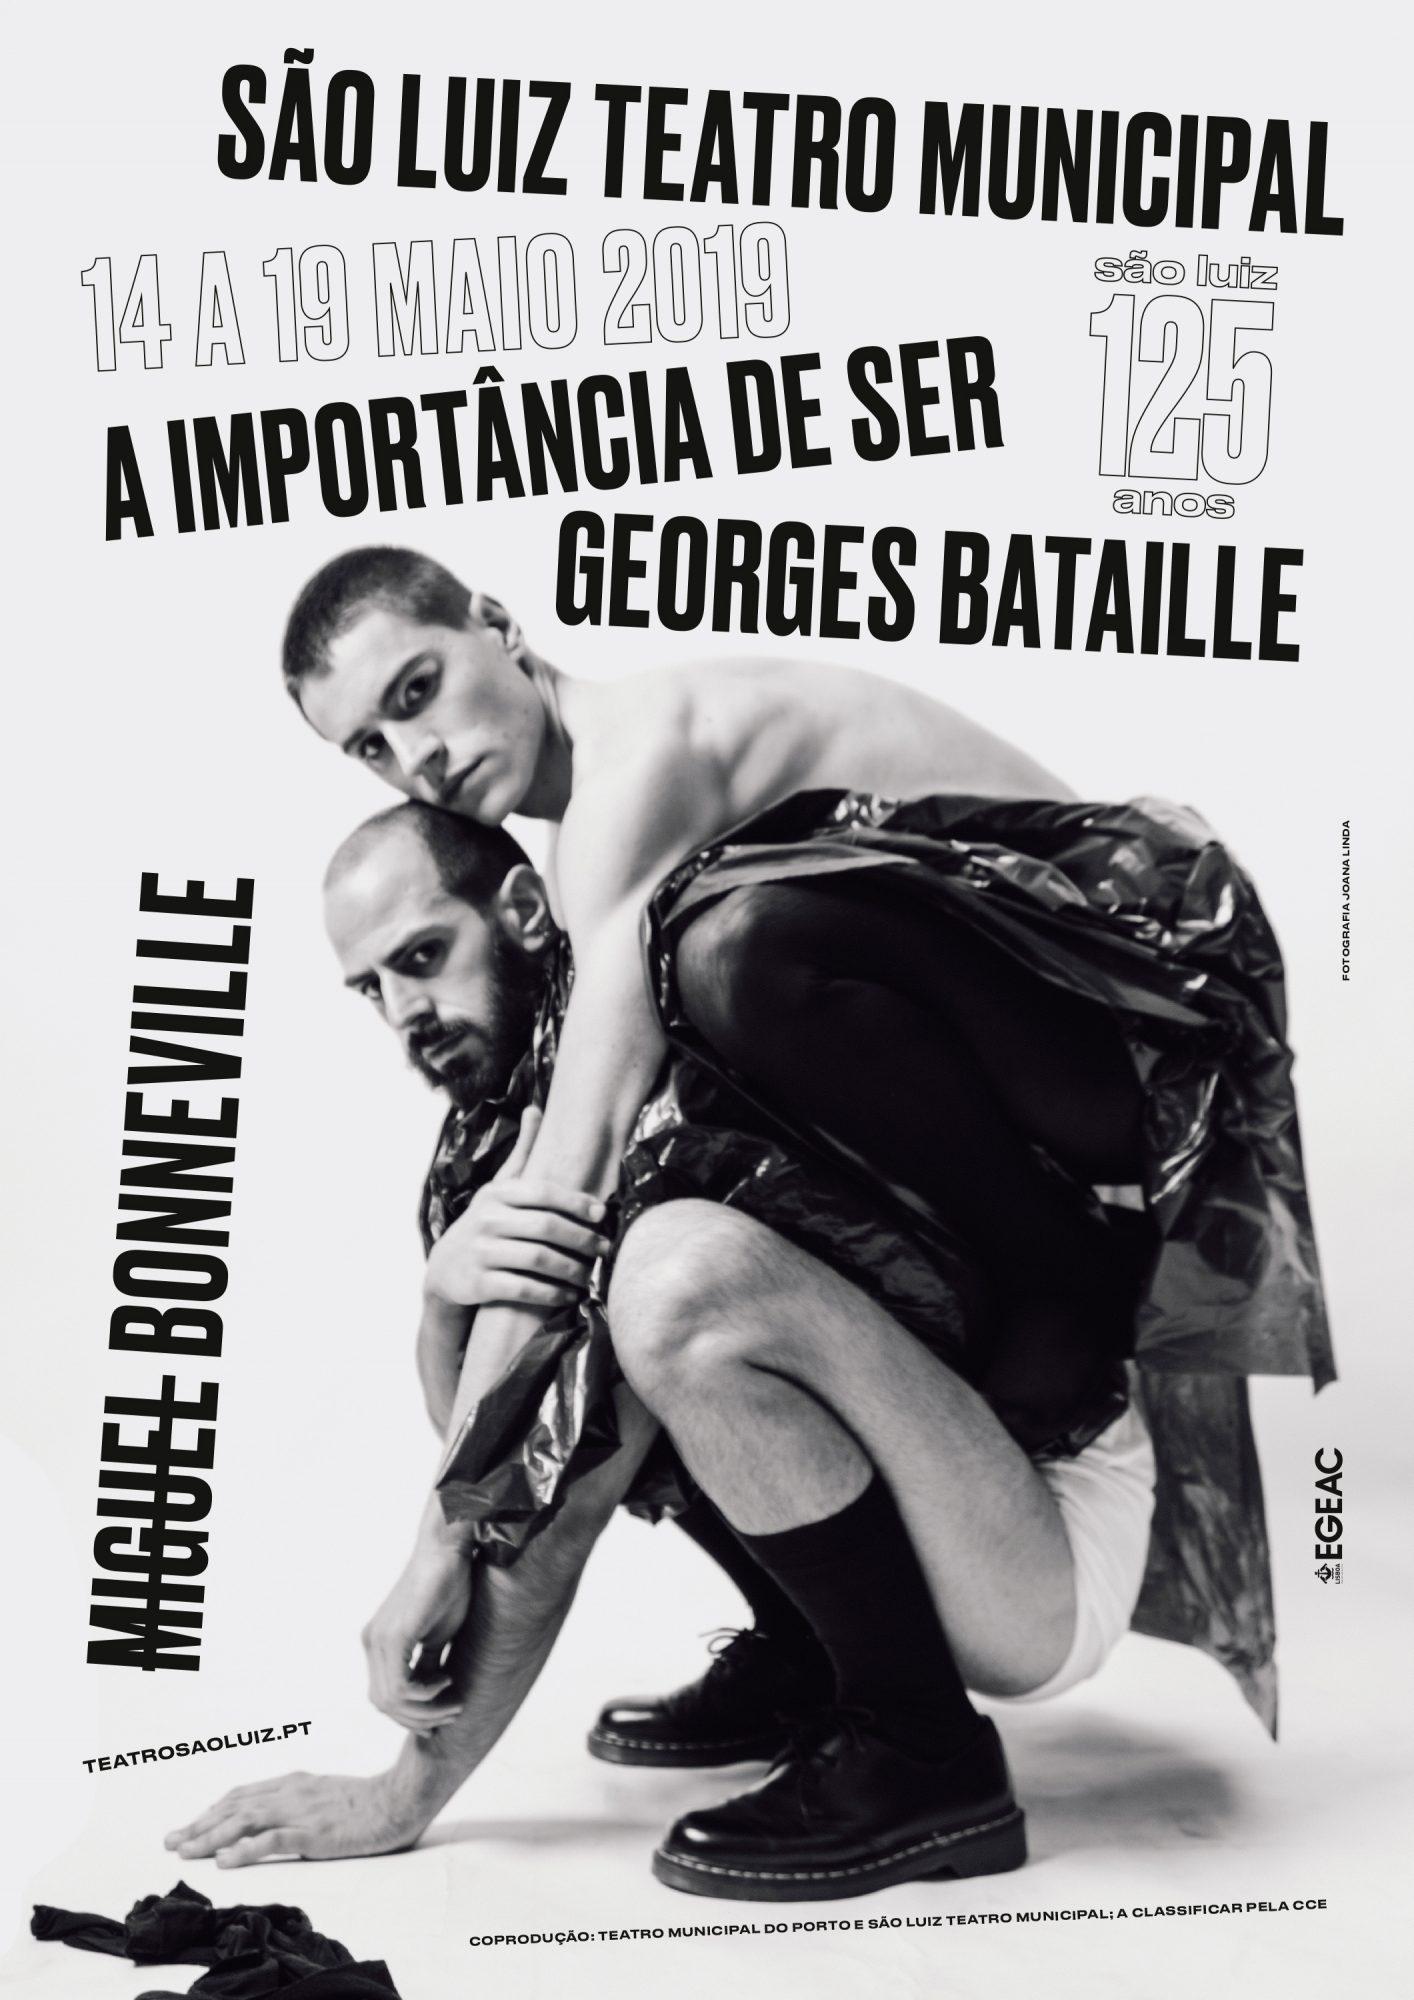 A Importância de Ser Georges Bataille, maio 2019